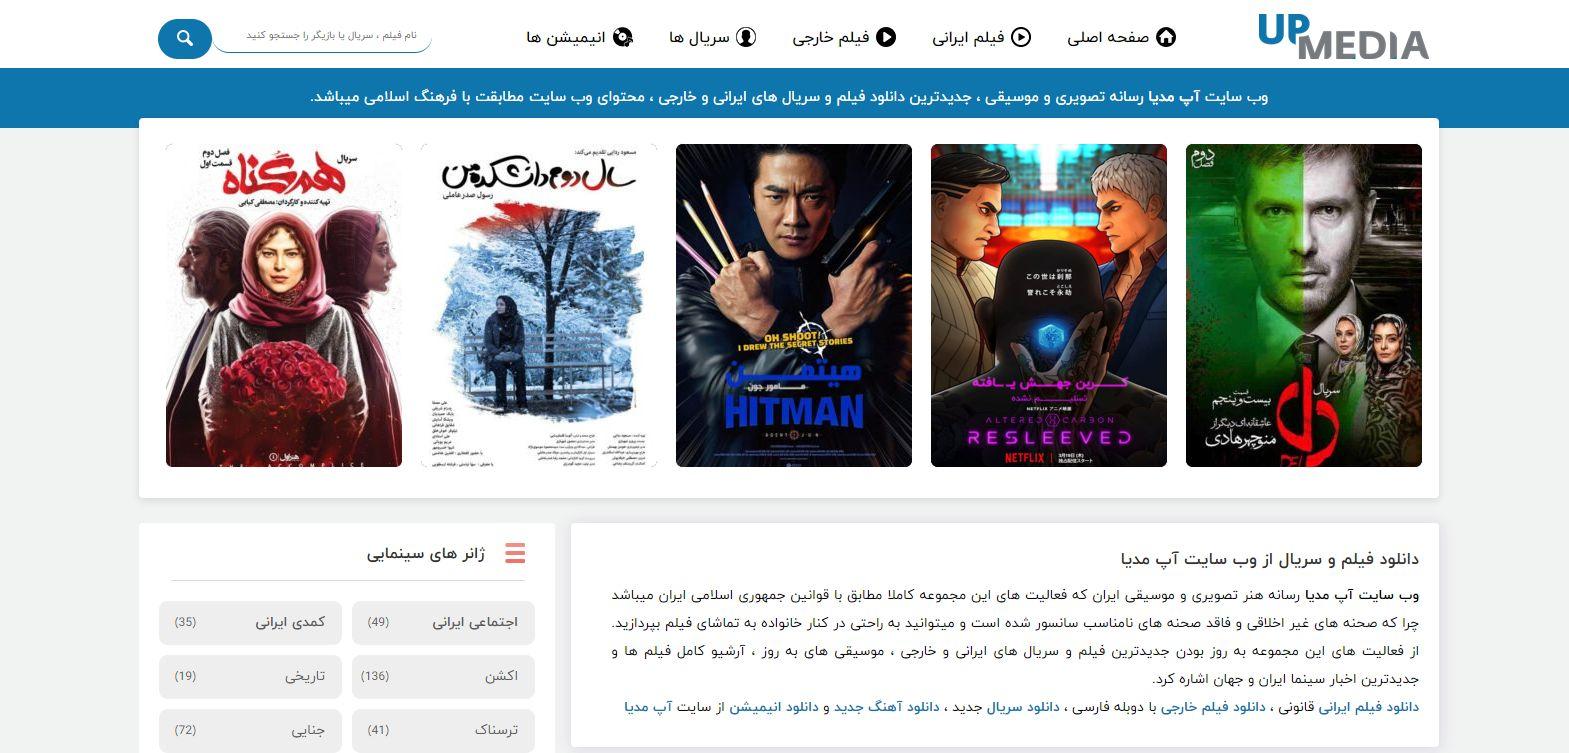 دانلود فیلم های خارجی و ایرانی از وب سایت UpMedia